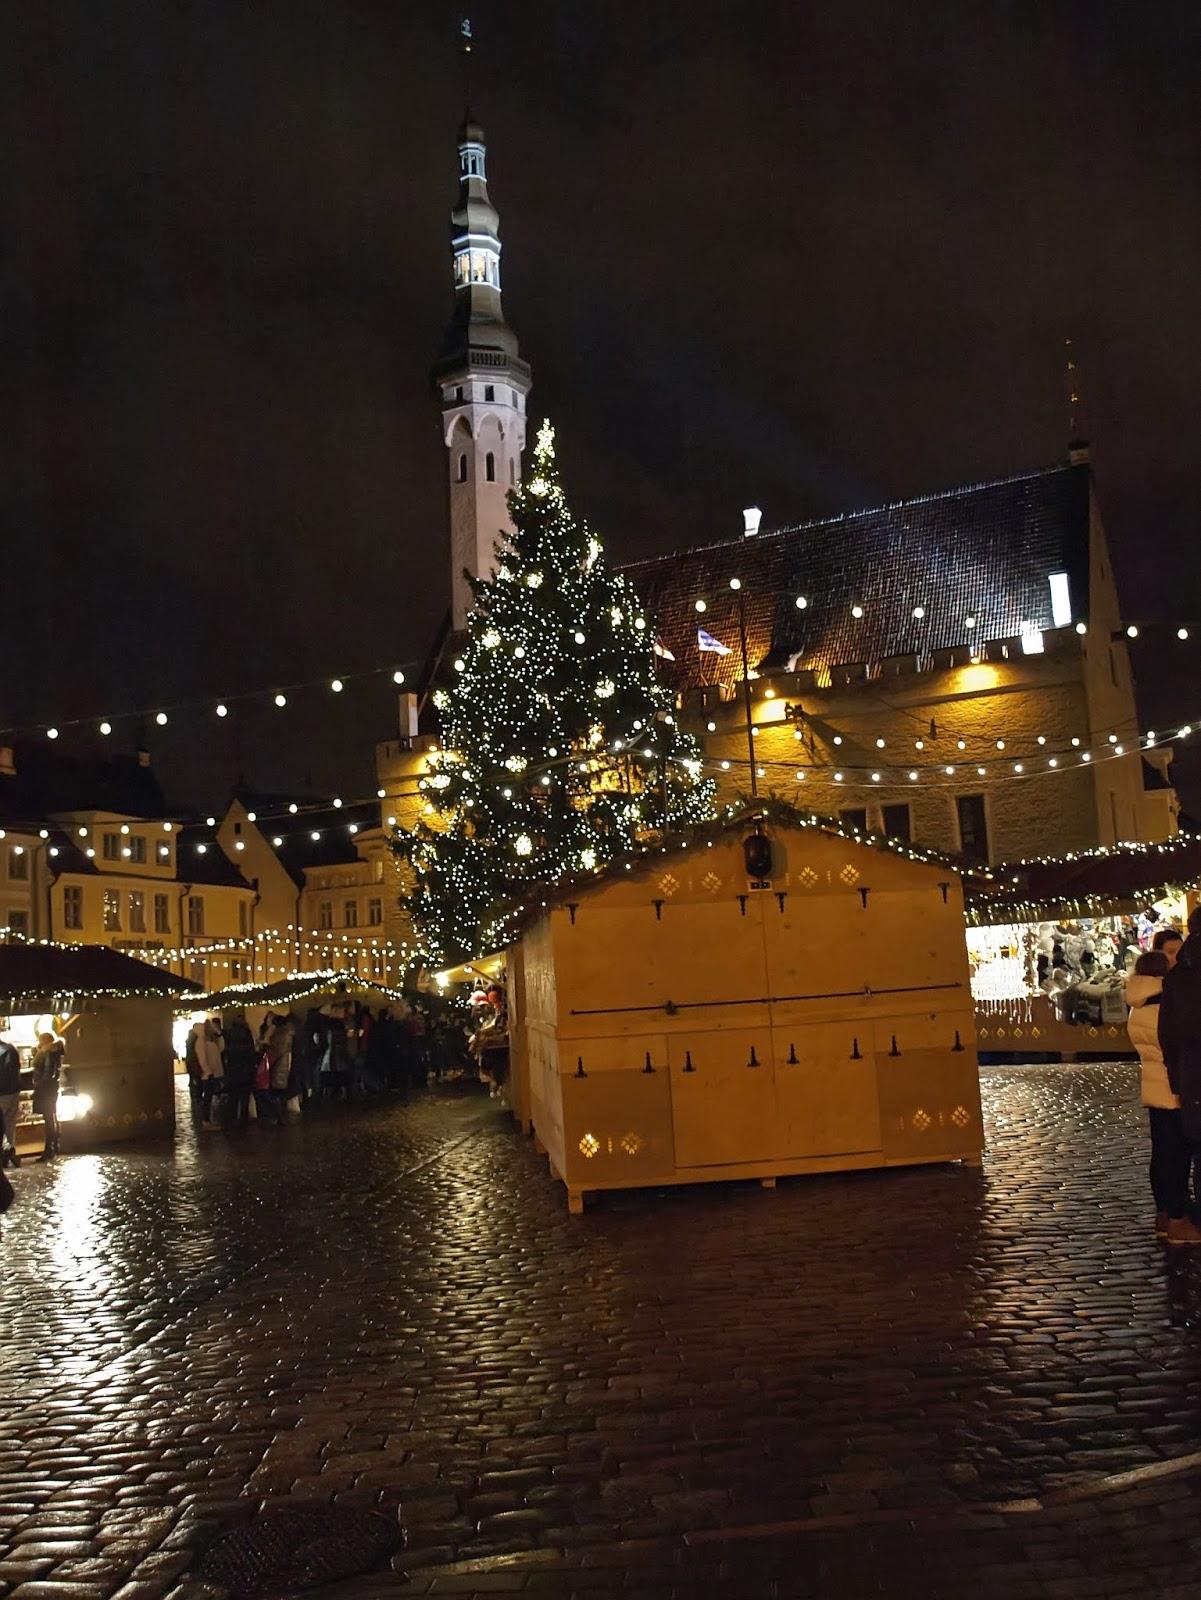 Экскурсии по новогоднему Таллинну. Рекомендации туристам.